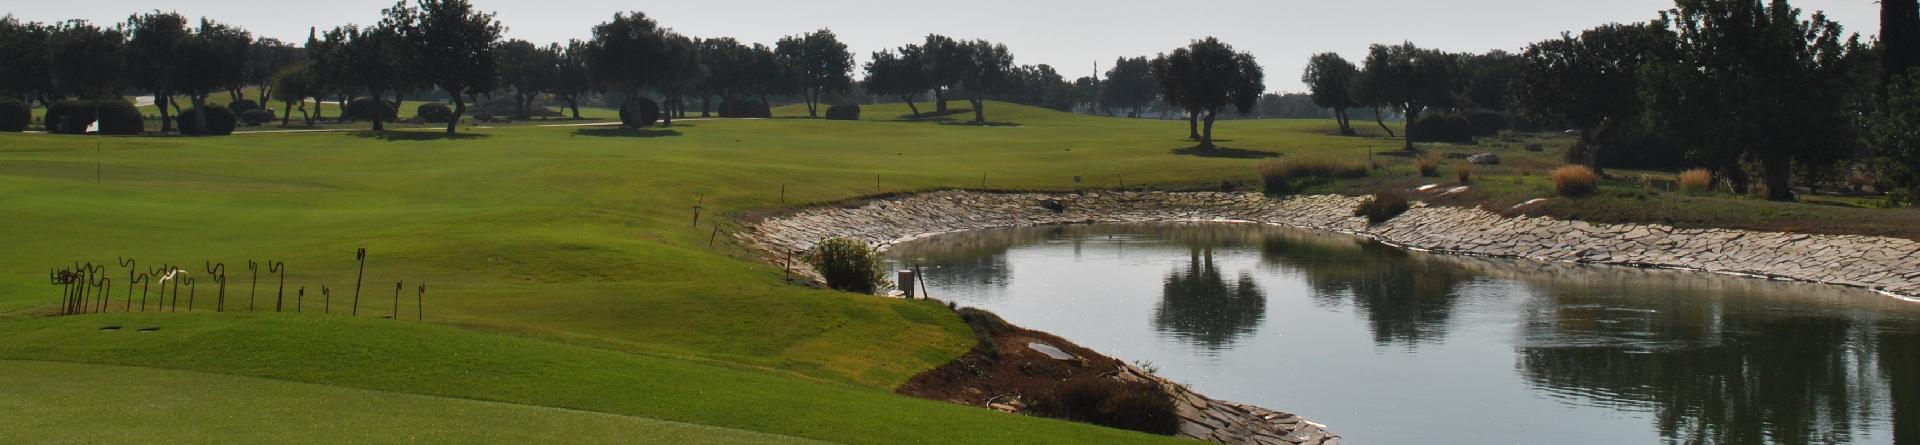 Εκπαιδευτική επίσκεψη των φοιτητών Κηποτεχνίας στο Aphrodite Hills Golf Course